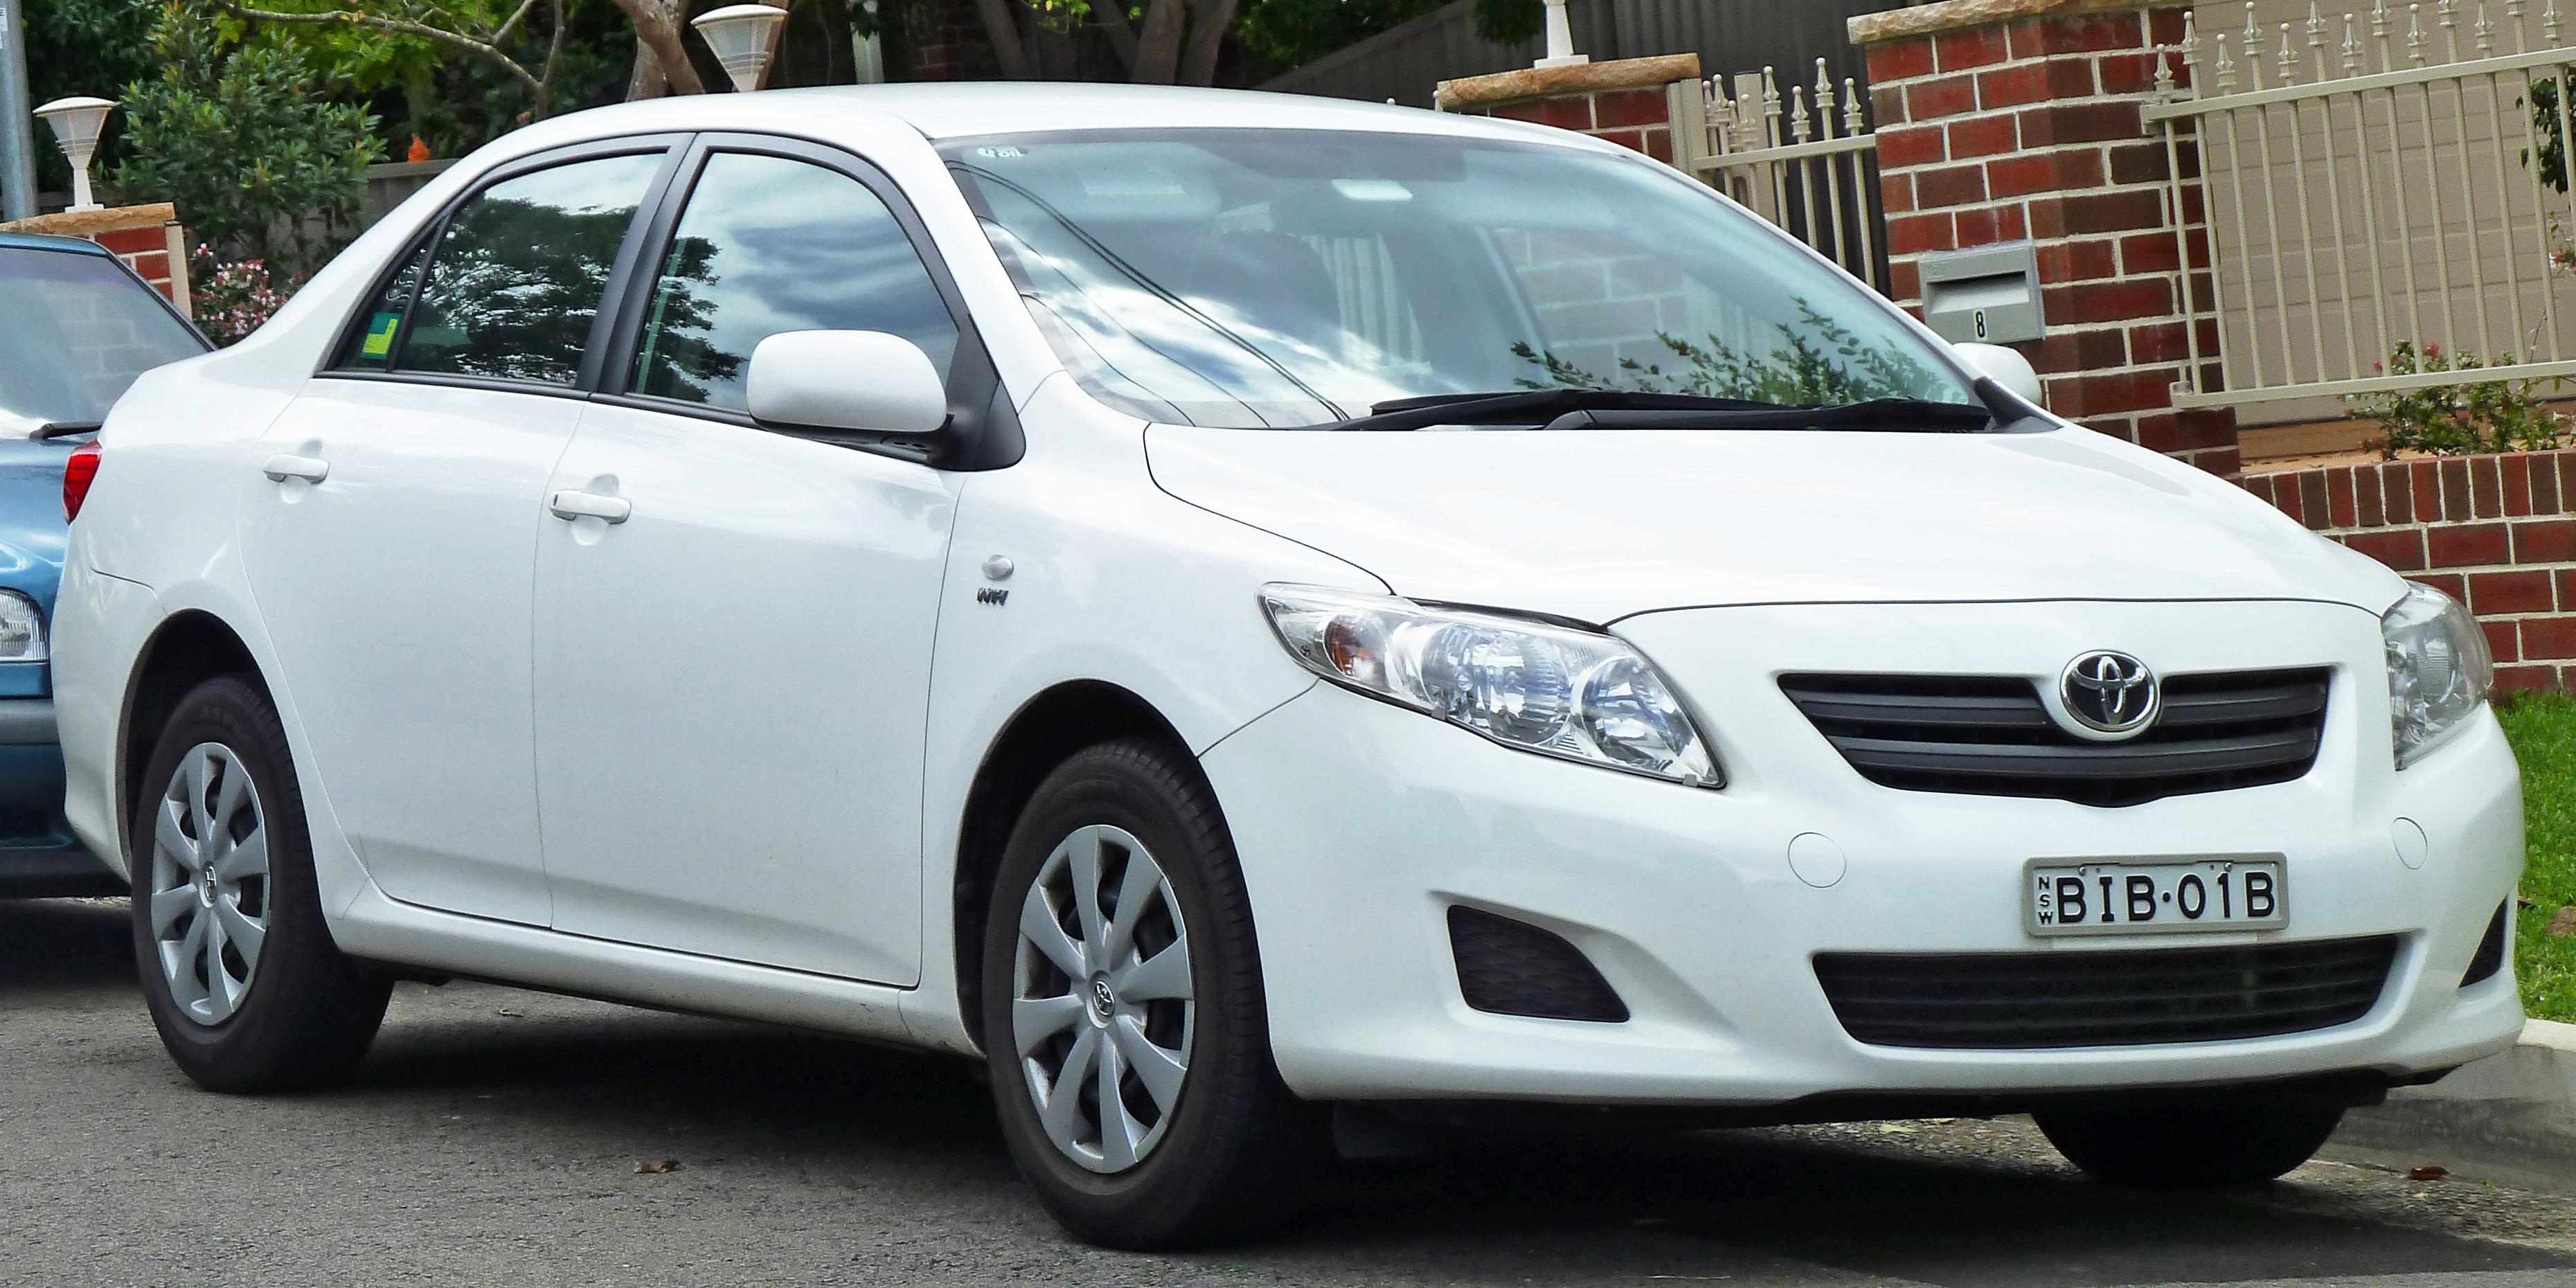 2007 Toyota Corolla Image 13